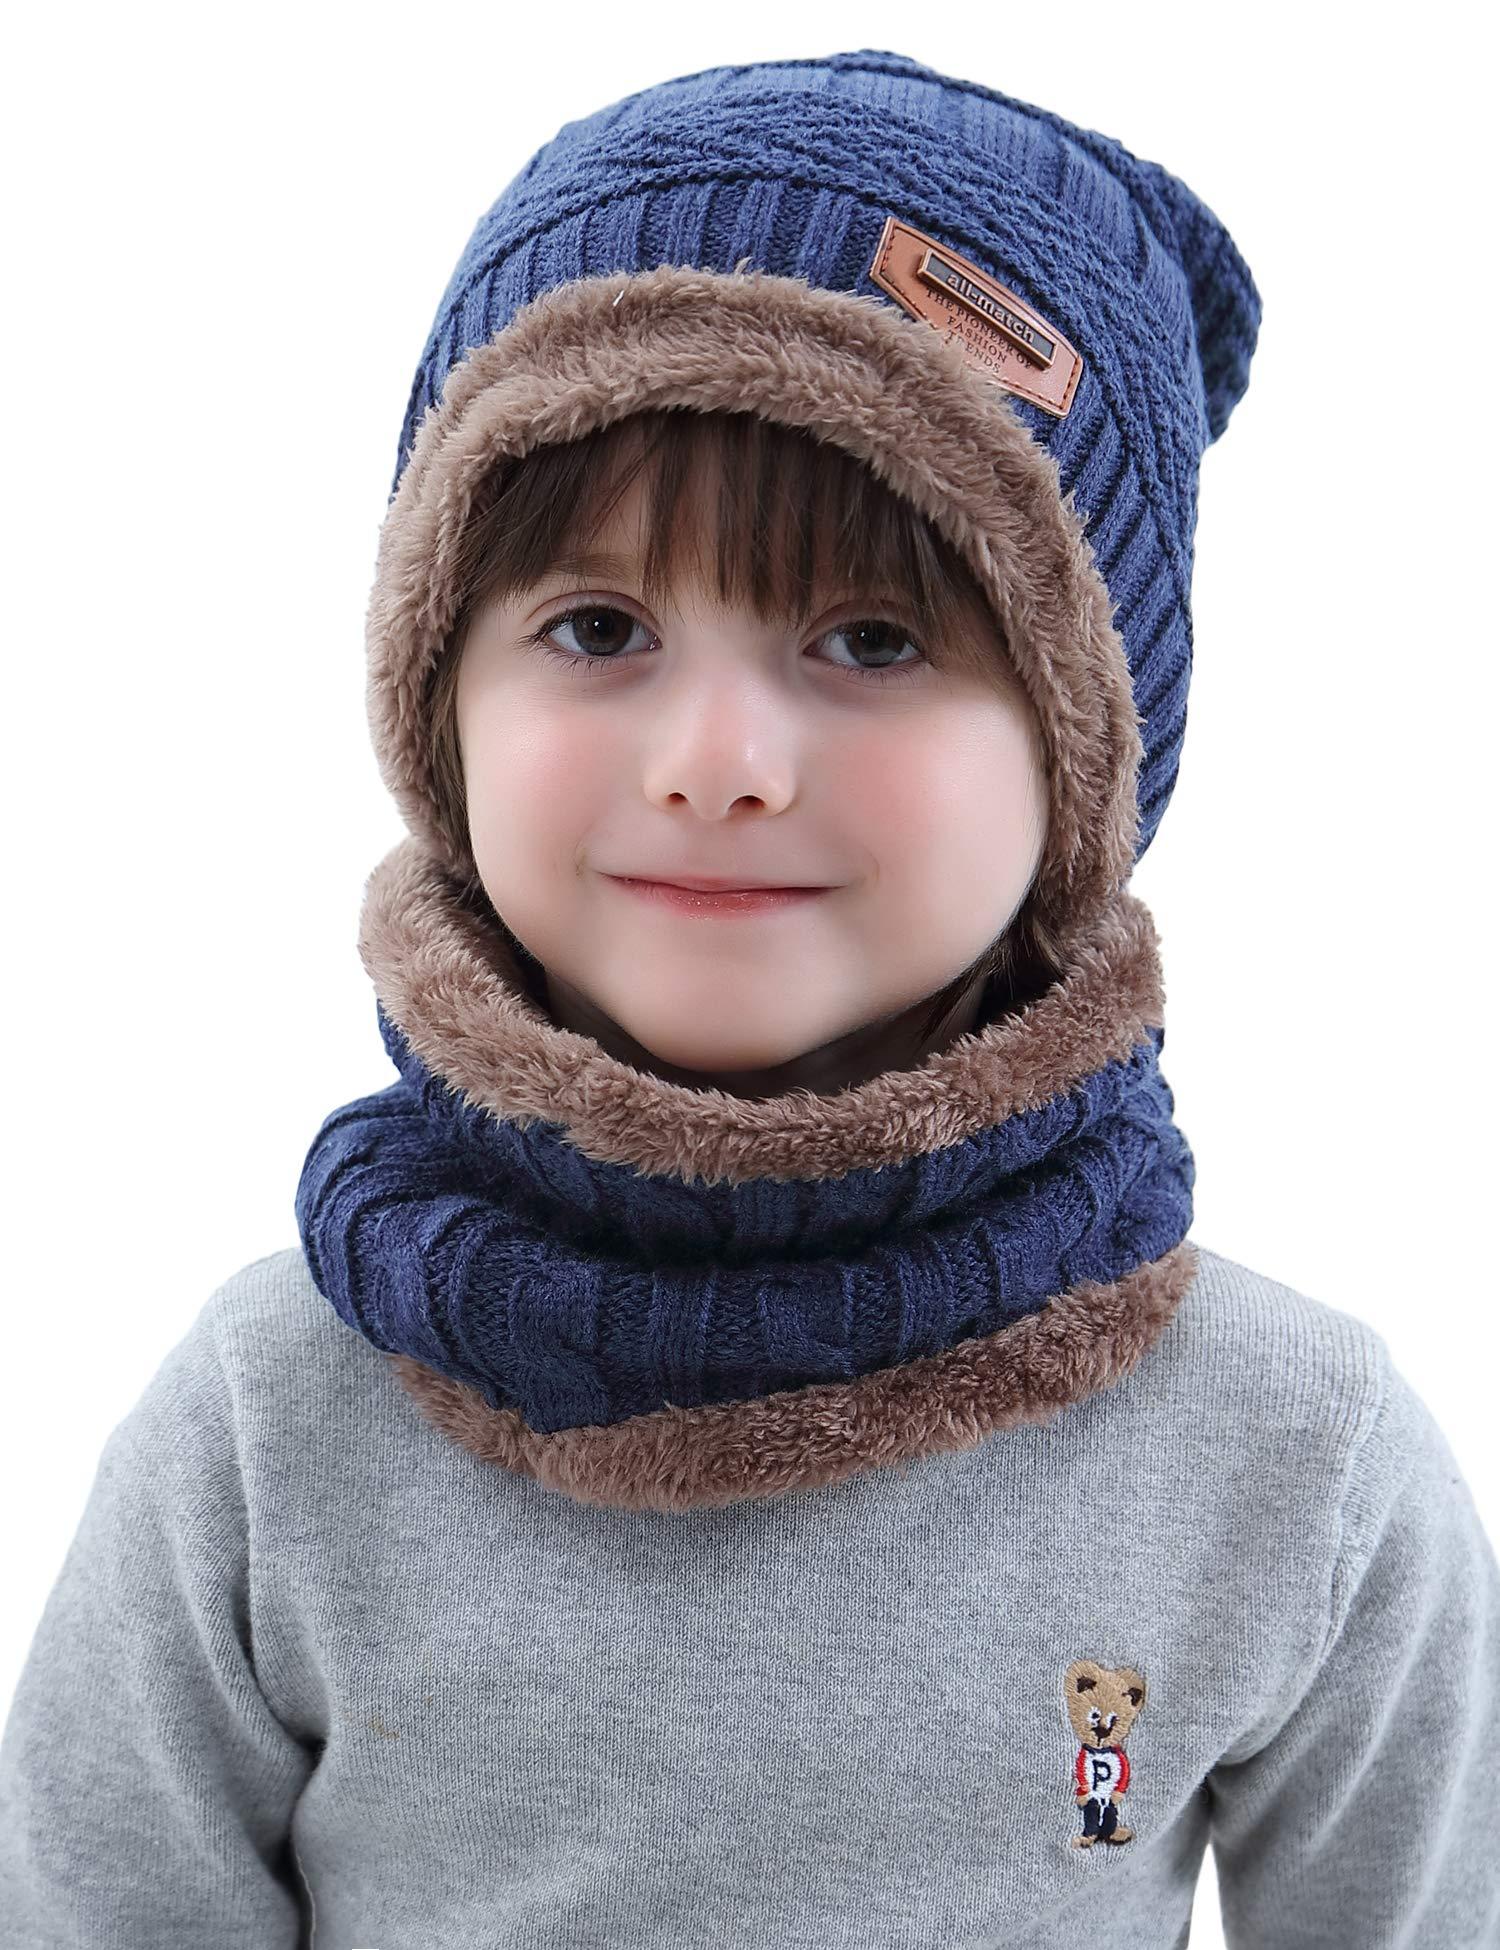 Aibrou Cappello Uomo Invernali【Guanti Possono Essere Utilizzati su Schermi Mobili e Tablet】 3 in 1 Cappello Sciarpa… 2 spesavip